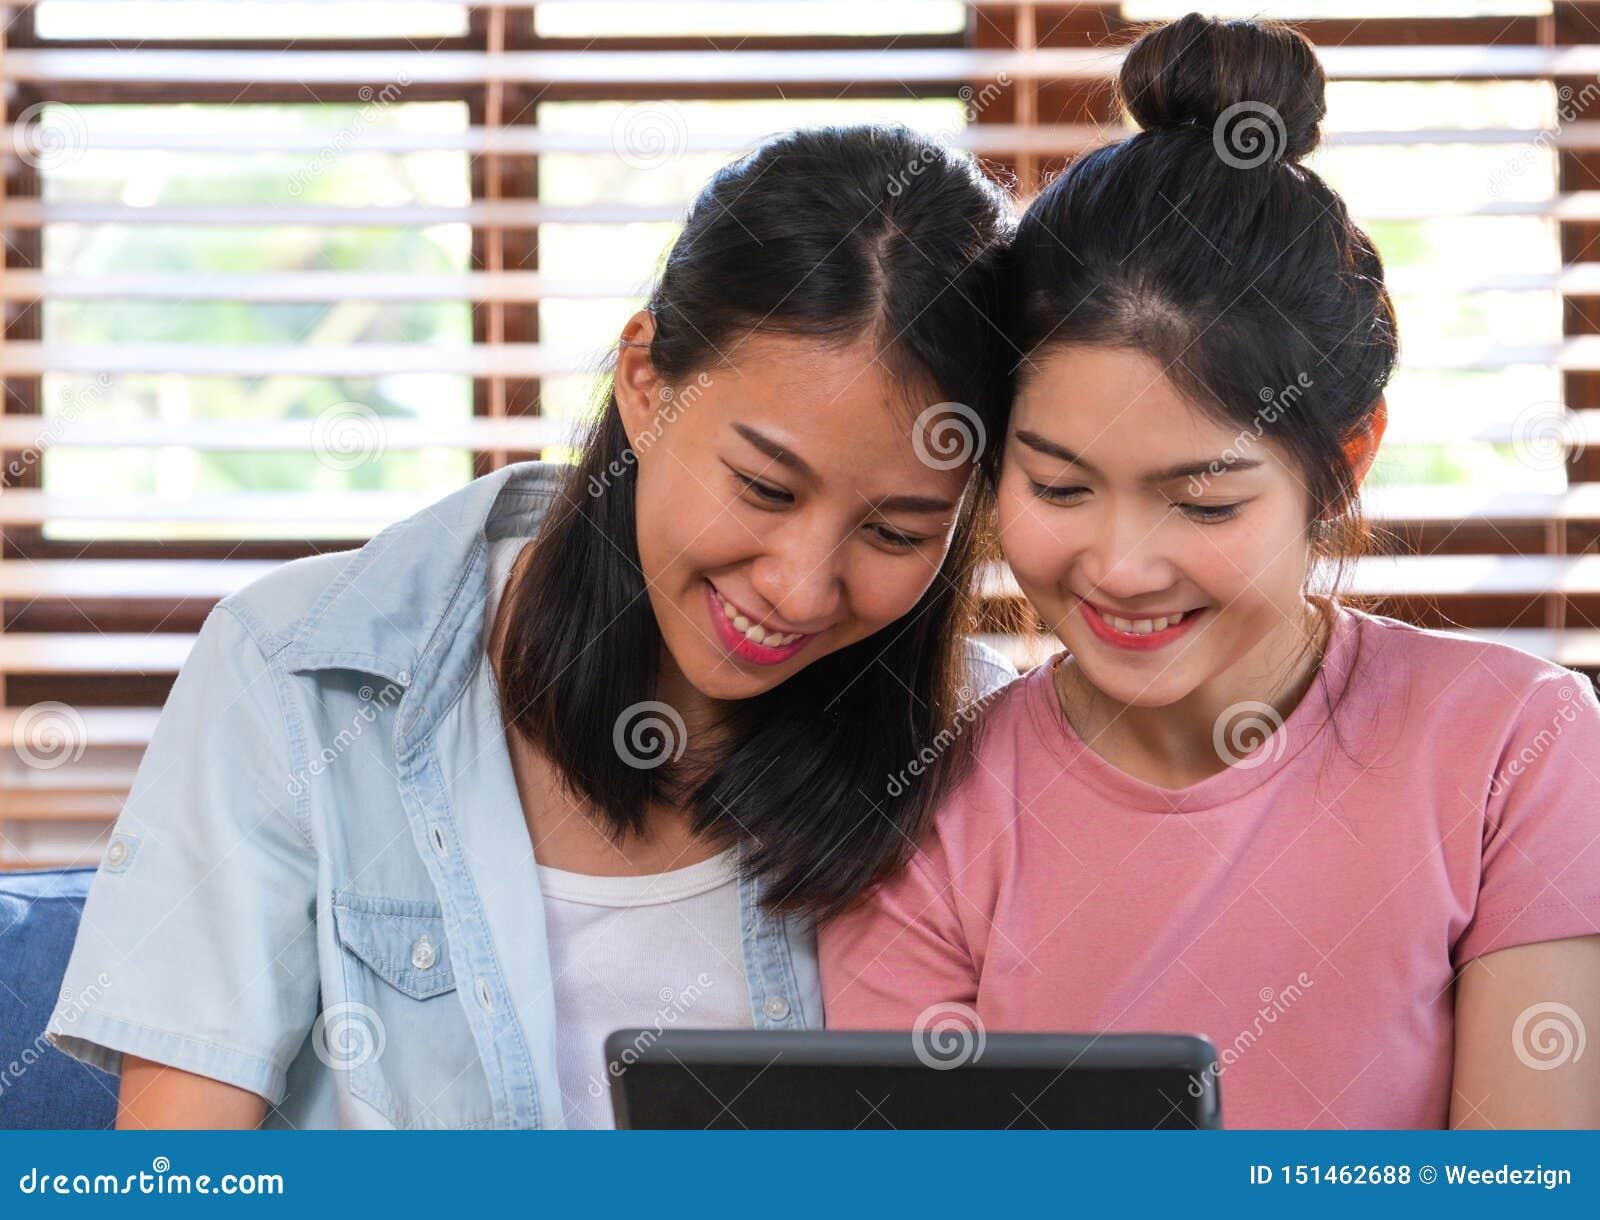 Vídeo de observación de la lesbiana asiática feliz en la tableta en el sofá en casa Concepto de la forma de vida de LGBTQ